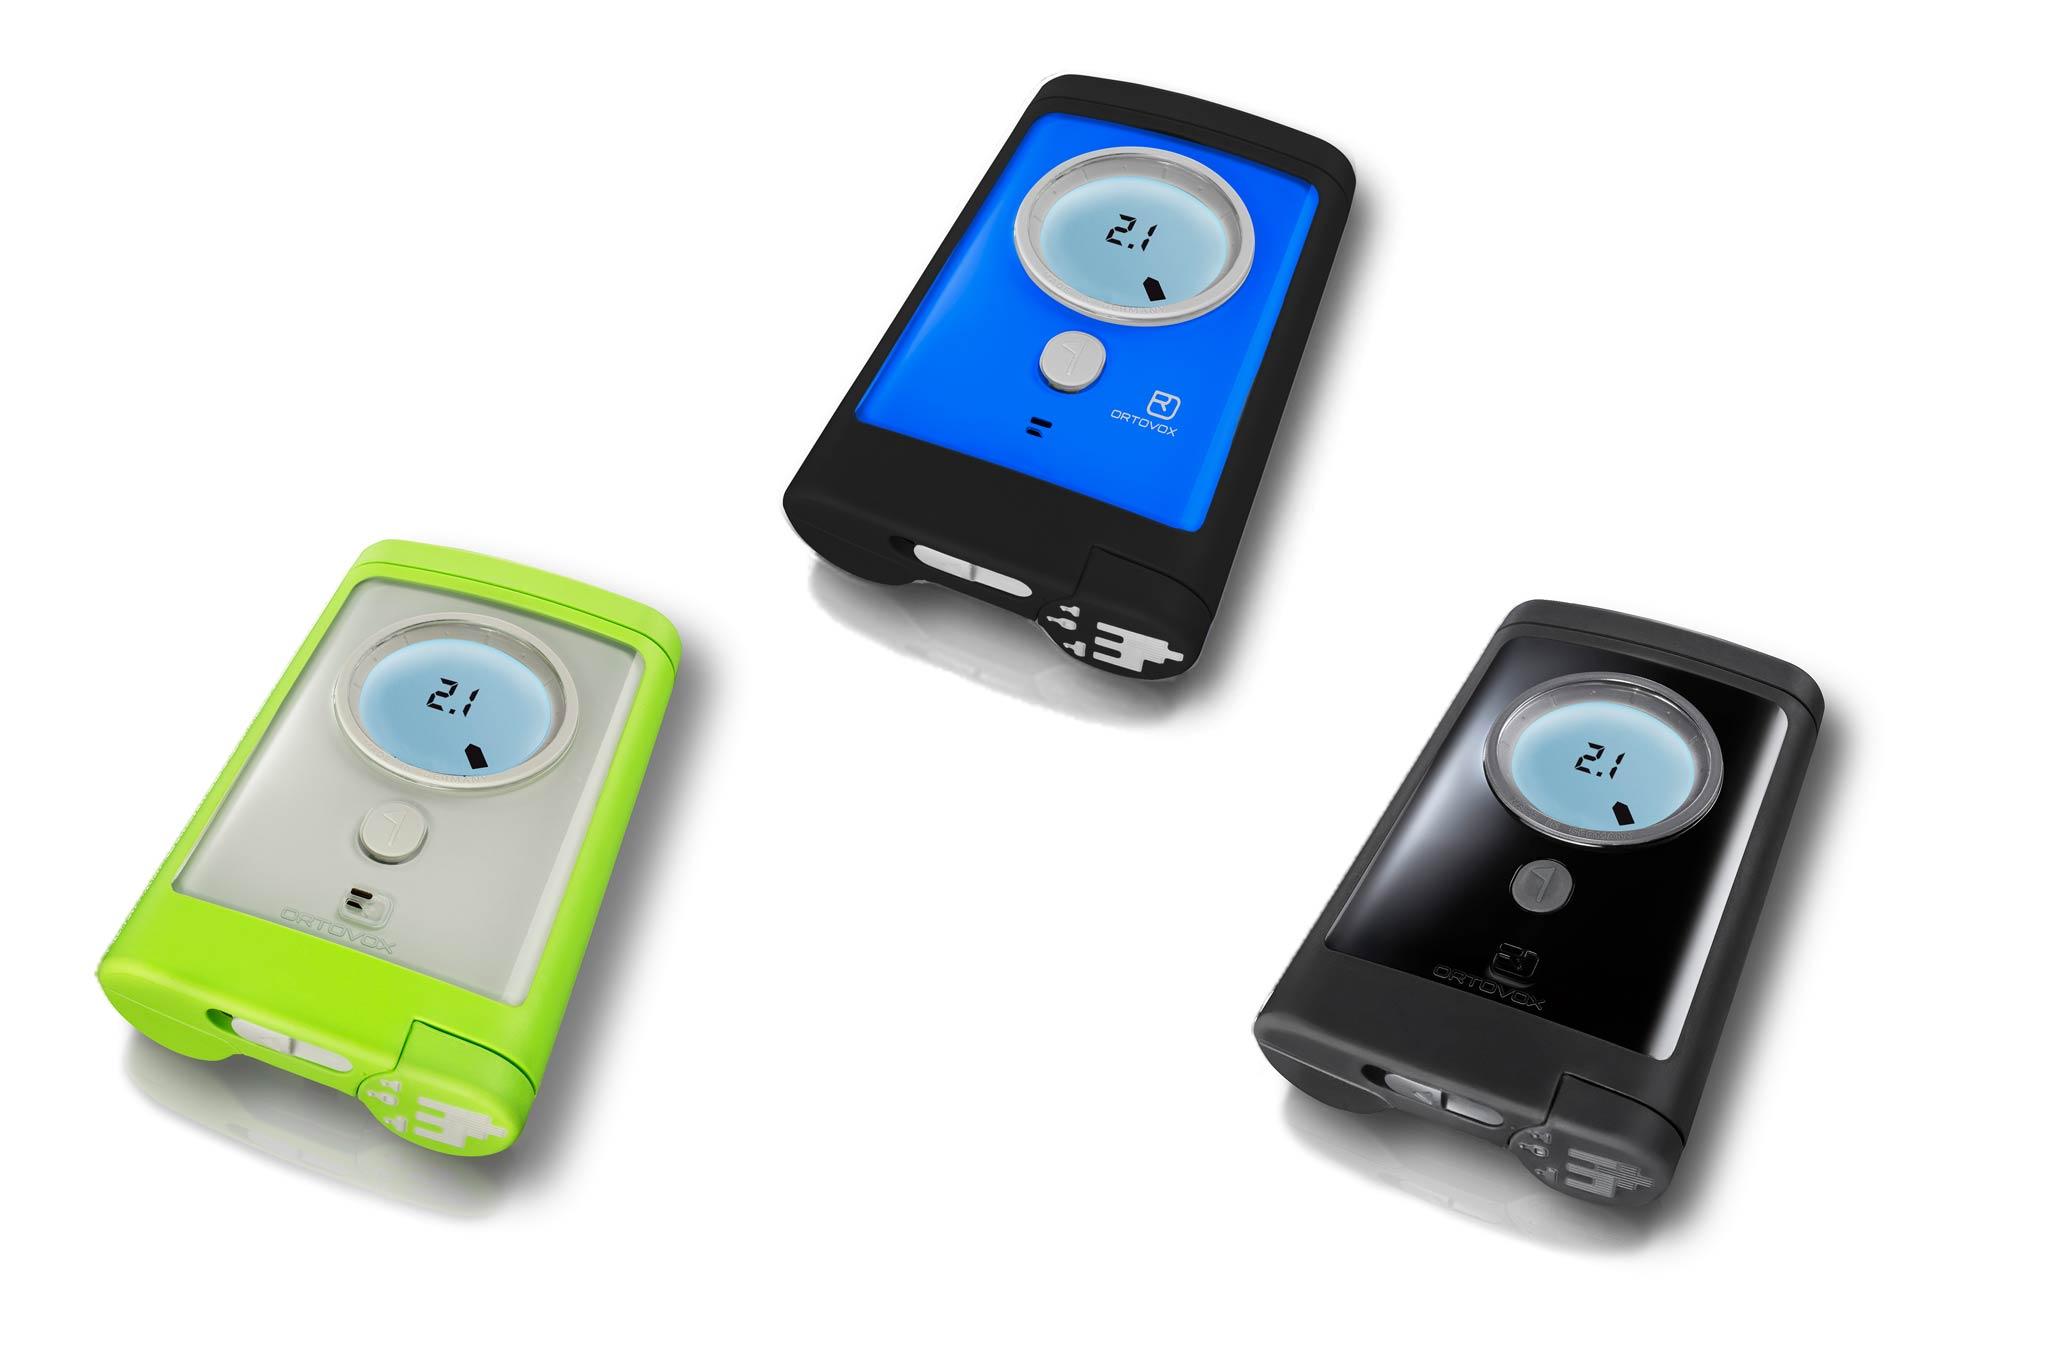 3+ Geräte mit den Software Versionen 1.0, 1.1, 2.0, 2.2 – unabhängig von ihrer Gehäusefarbe – sowie alle anderen Ortovox LVS-Geräte (S1+, S1, ZOOM) sind nicht betroffen.